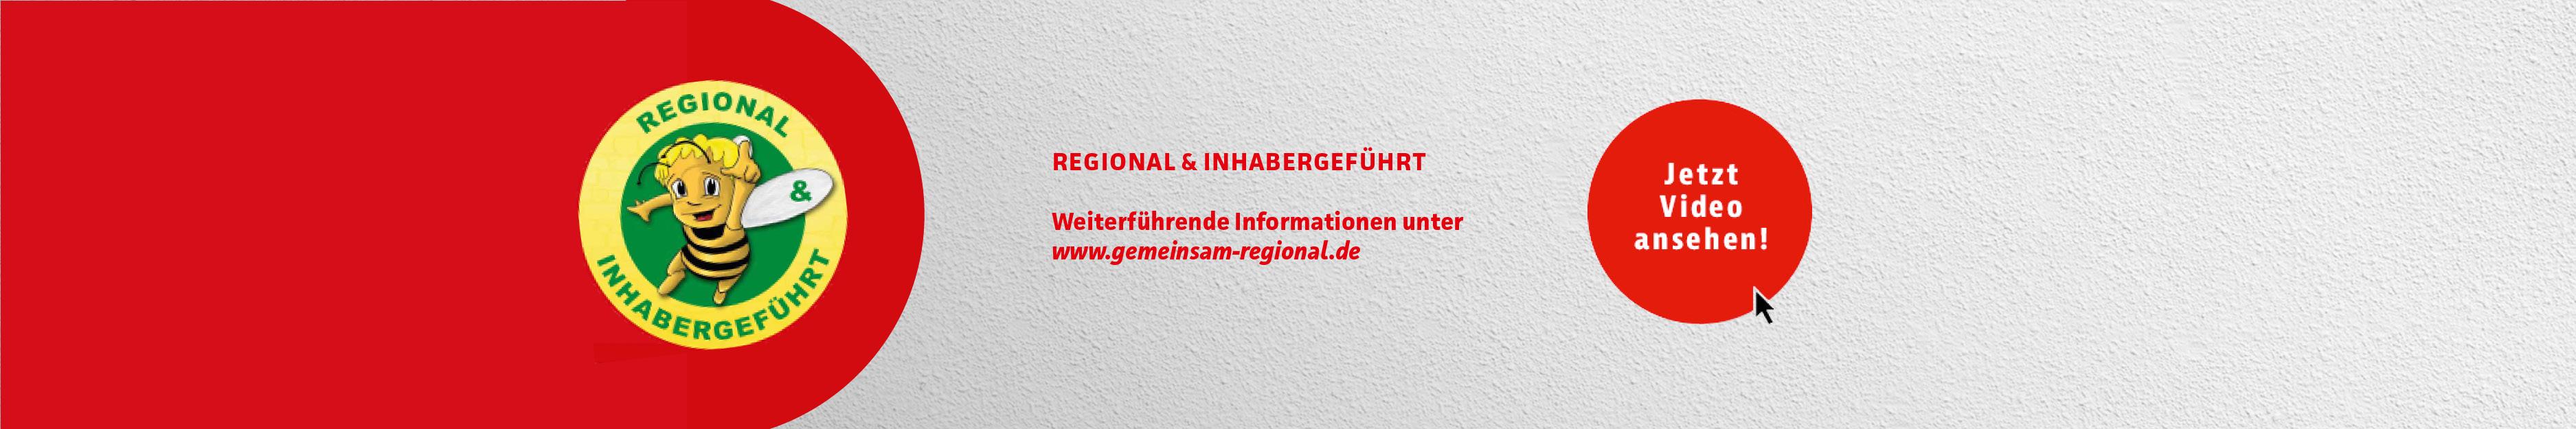 Regional und inhabergeführt